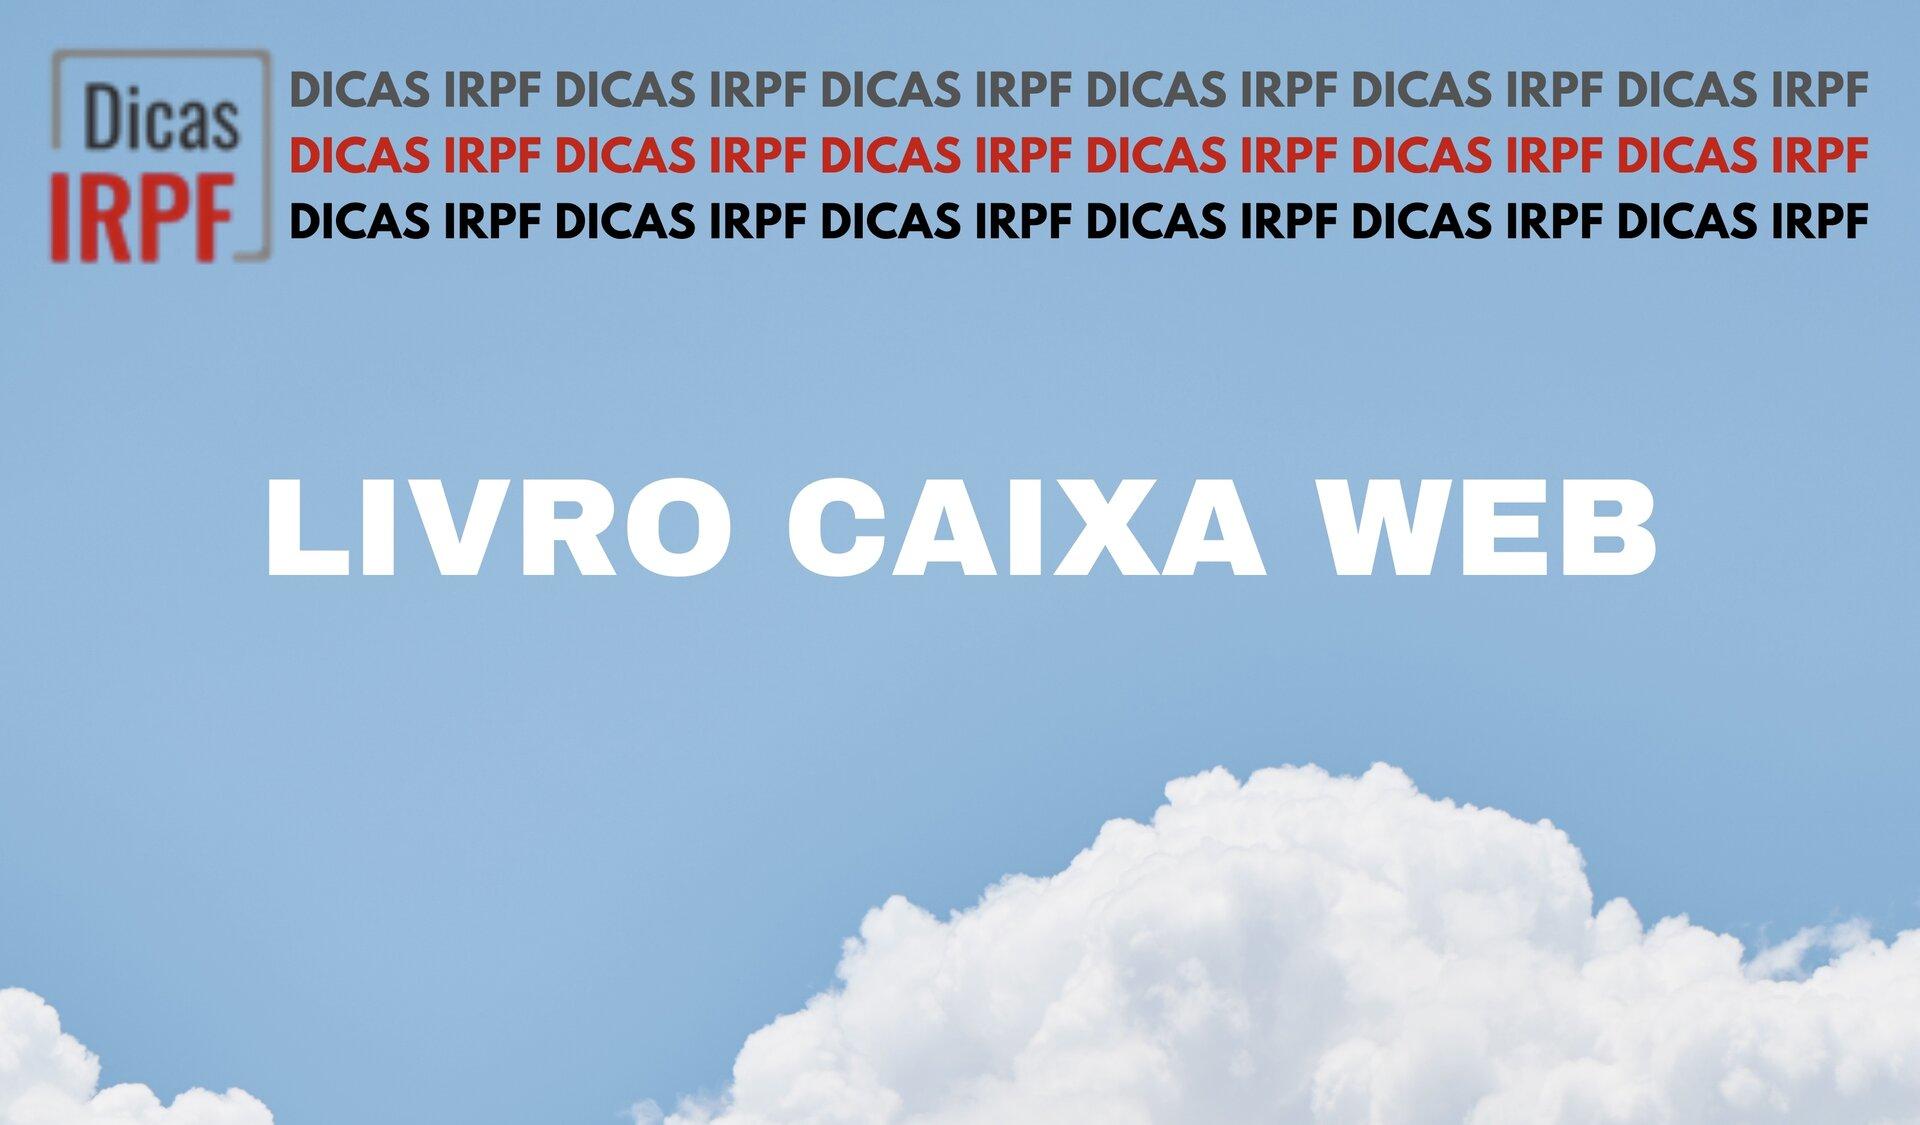 LIVRO CAIXA WEB